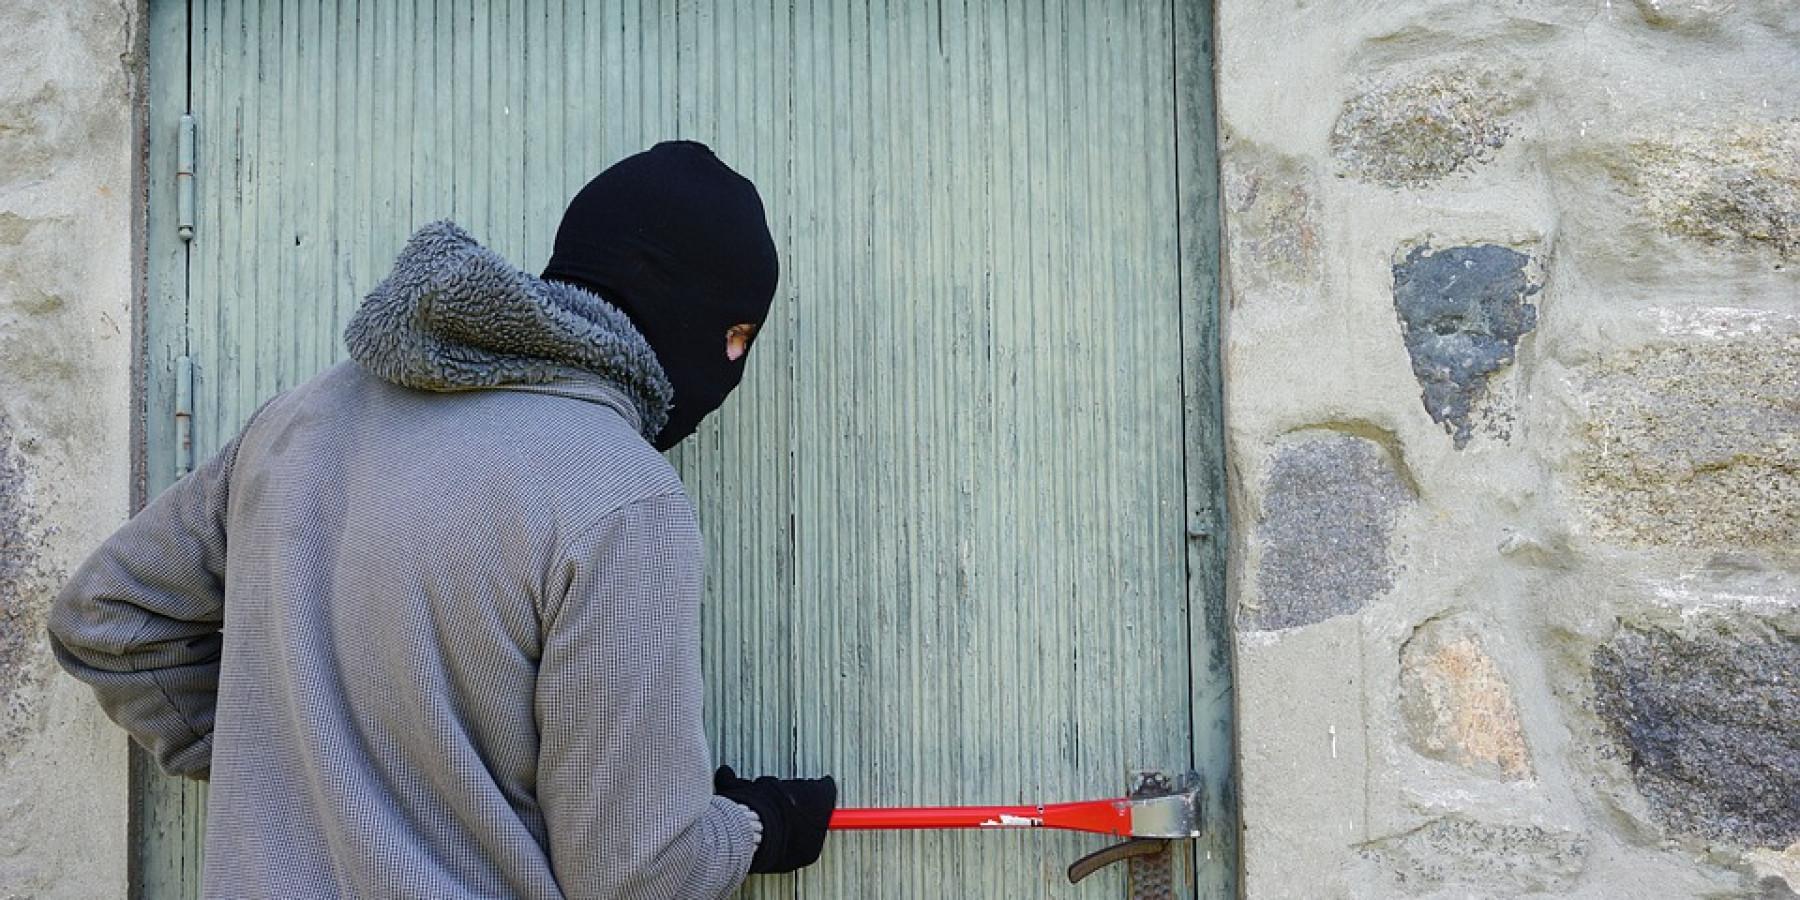 Einbrüche am Wochenende – Unbekannte Täter dringen in Geschäfte ein